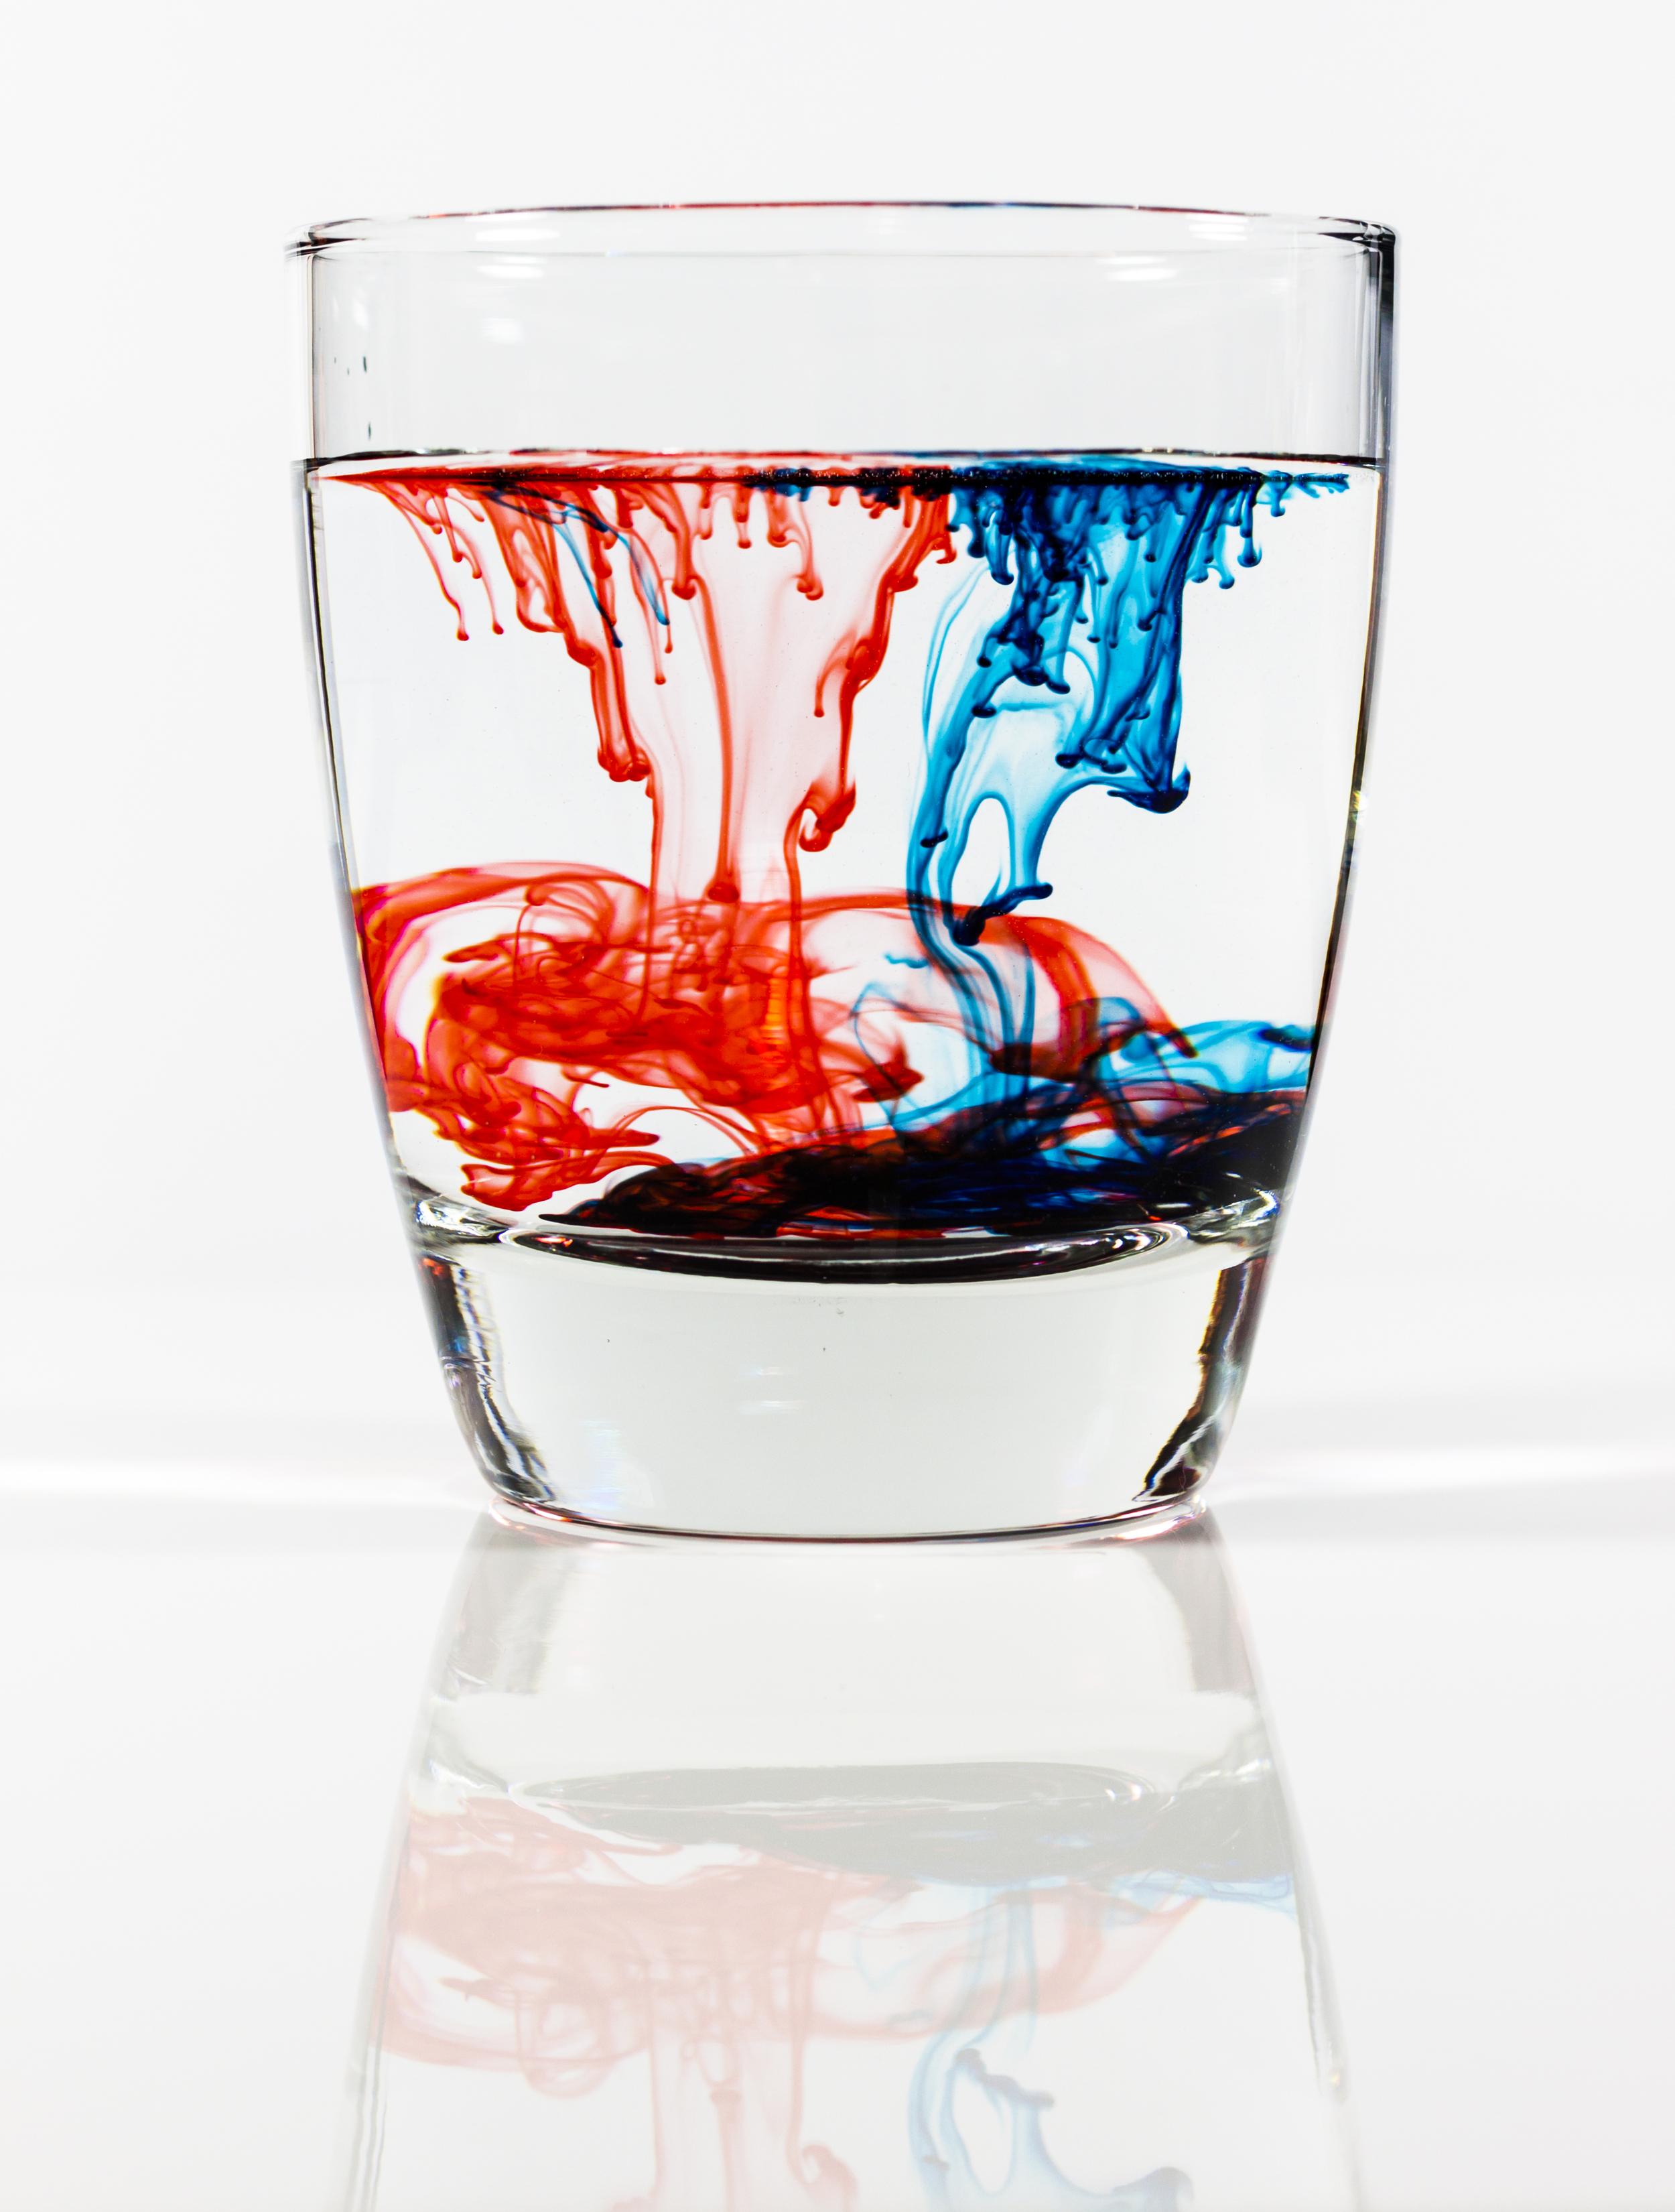 Red Versus Blue Food Coloring.jpg